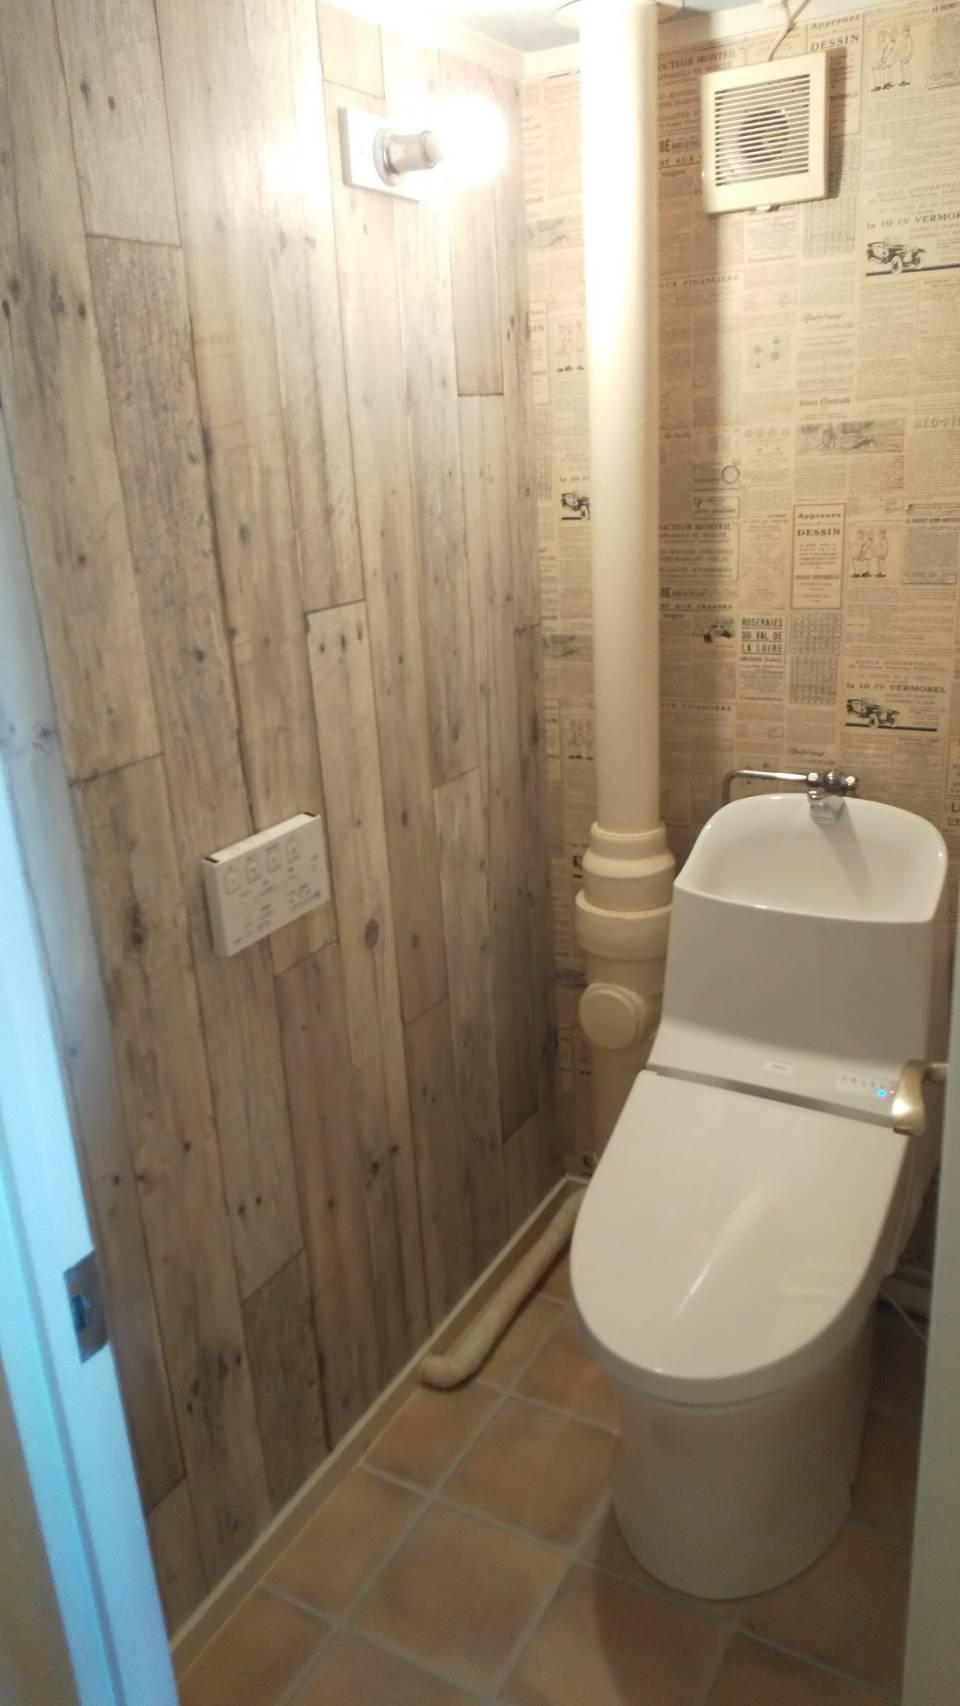 壁紙で変わる!トイレ空間